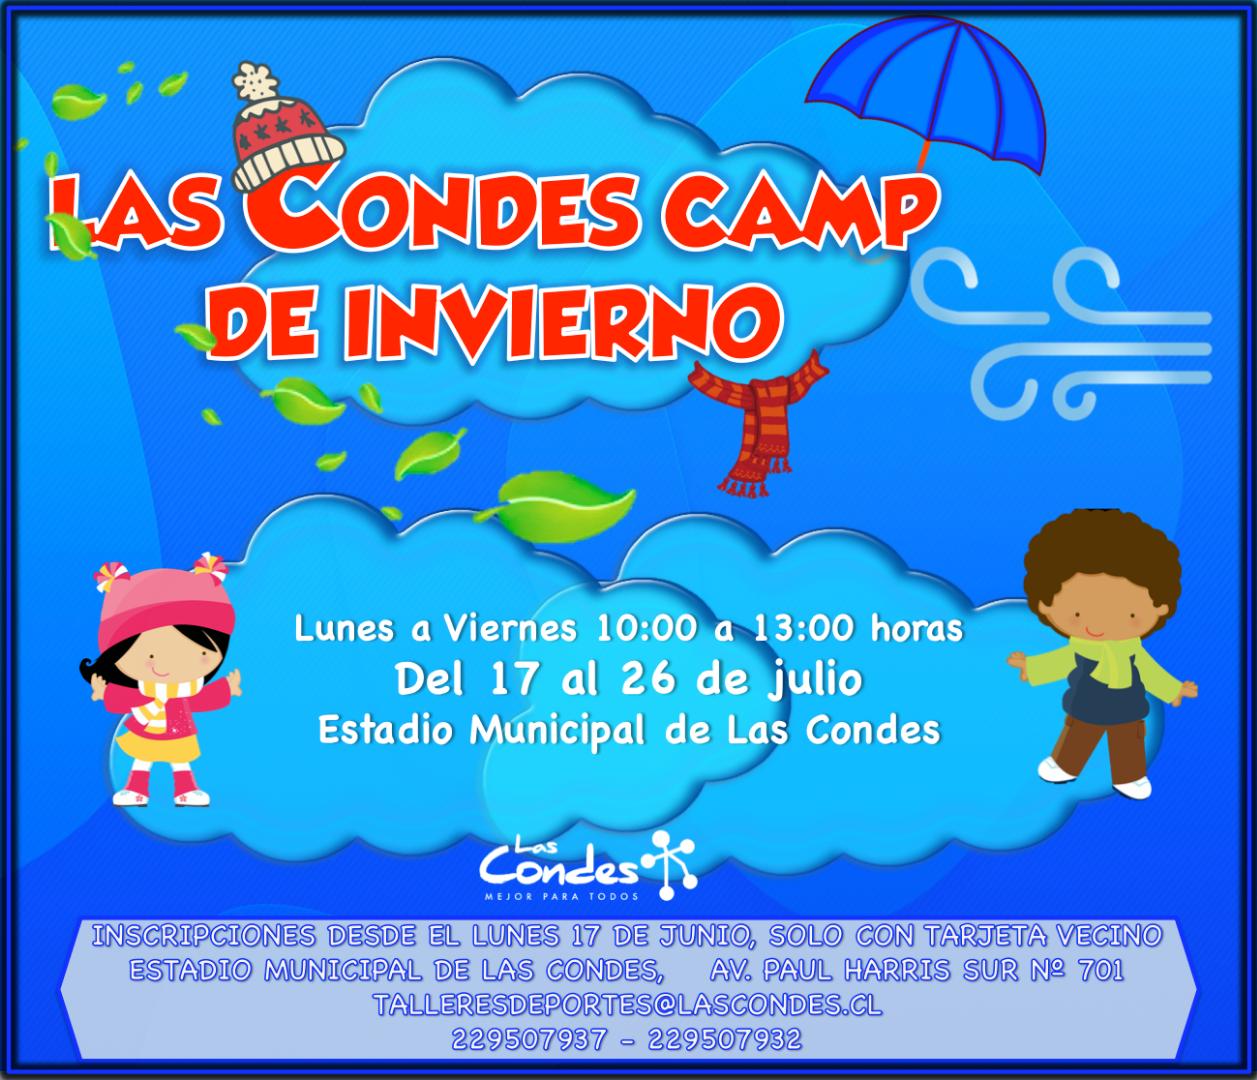 Las Condes Camp 2019